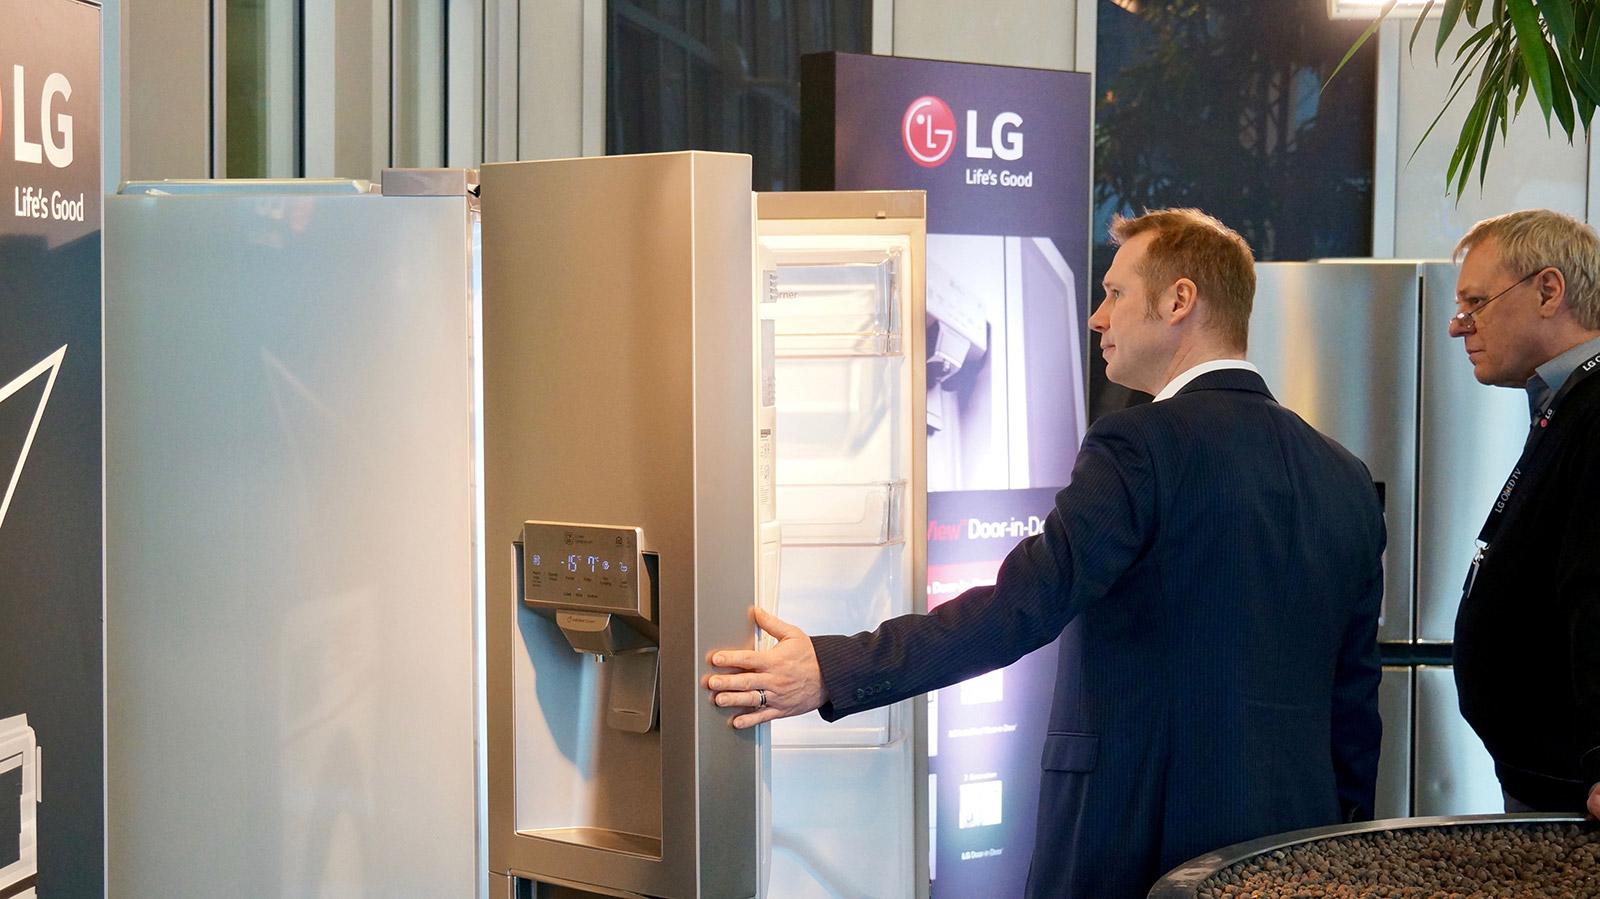 Lg Side By Side Kühlschrank Zieht Kein Wasser : Lg roadshow startet in der neuen europazentrale von lg